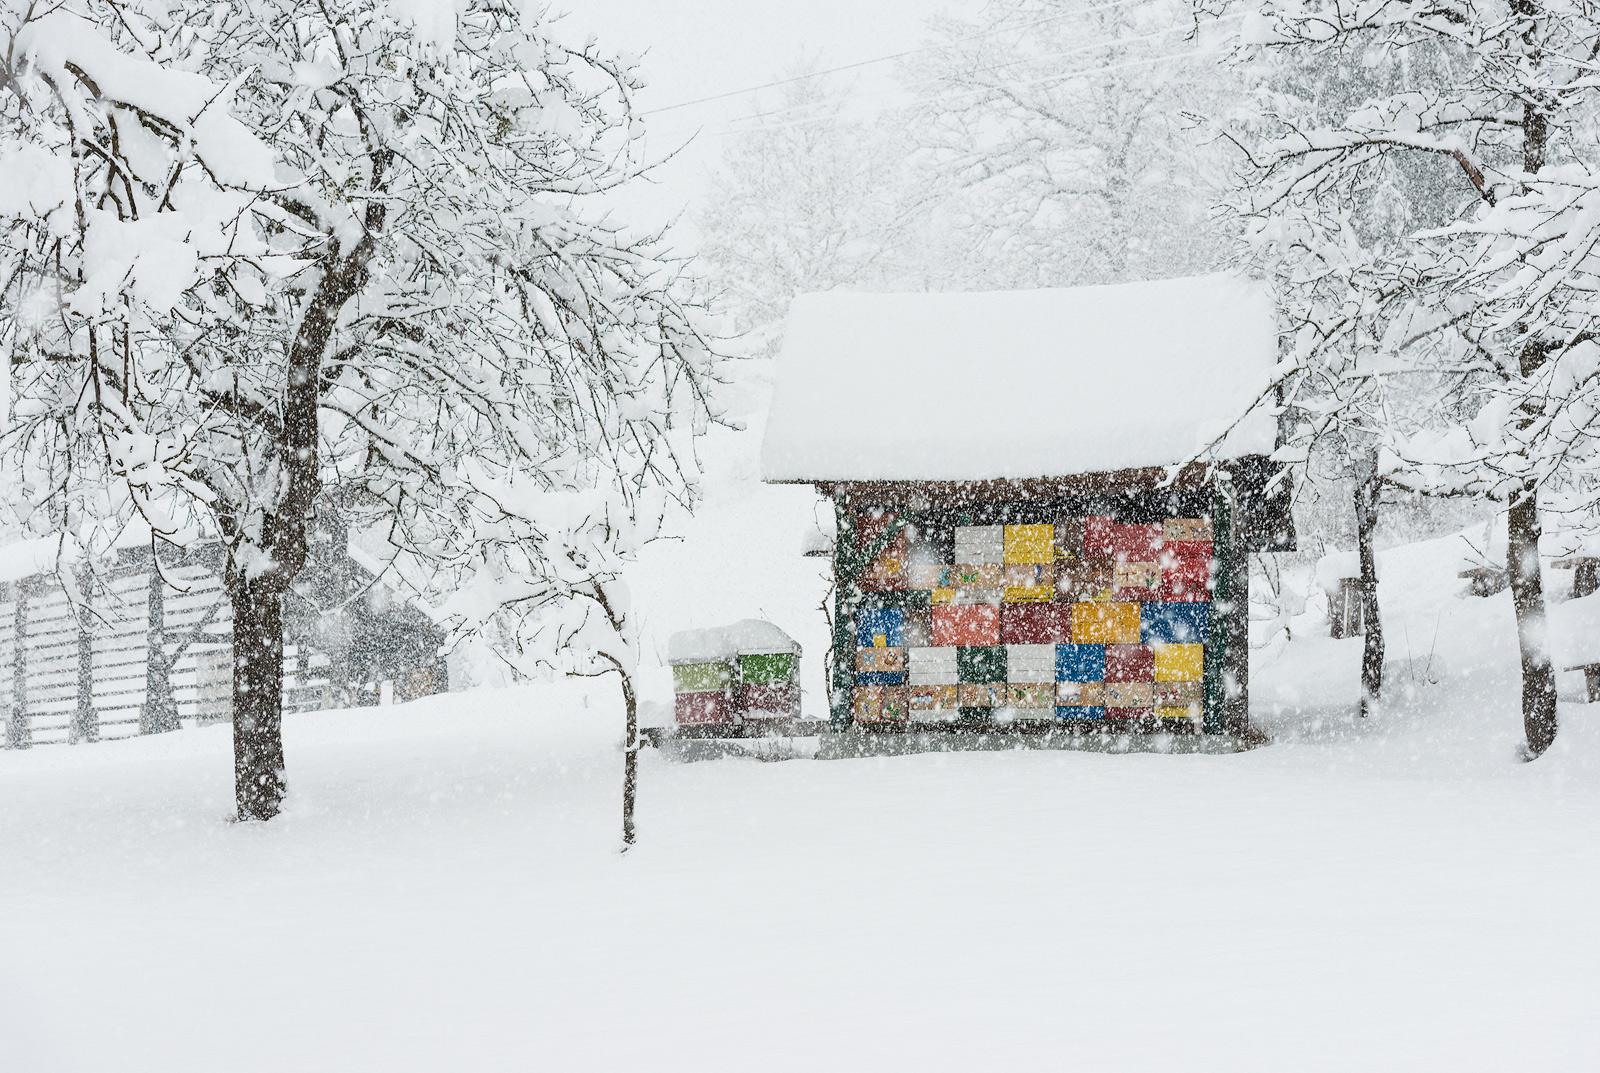 slovenia_winter_esenko_002.jpg